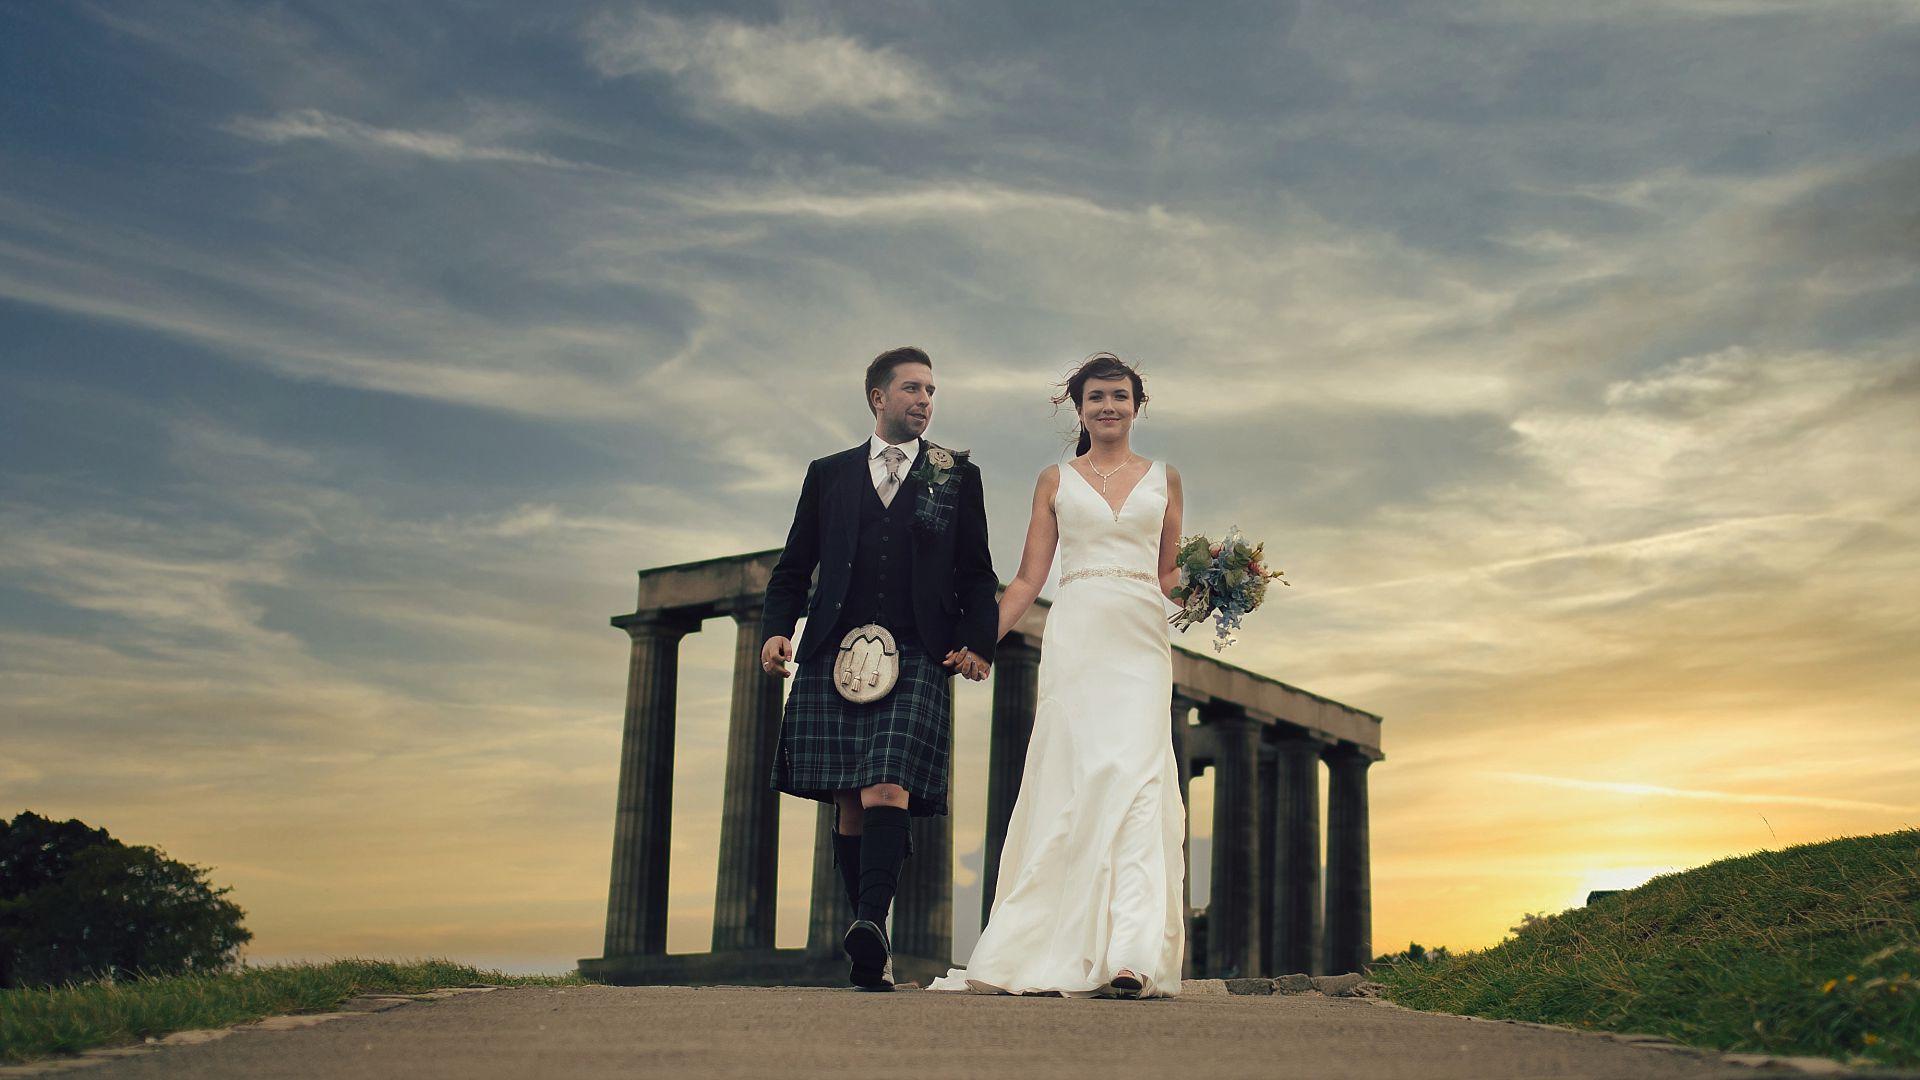 wedding photography corn exchange Edinburgh